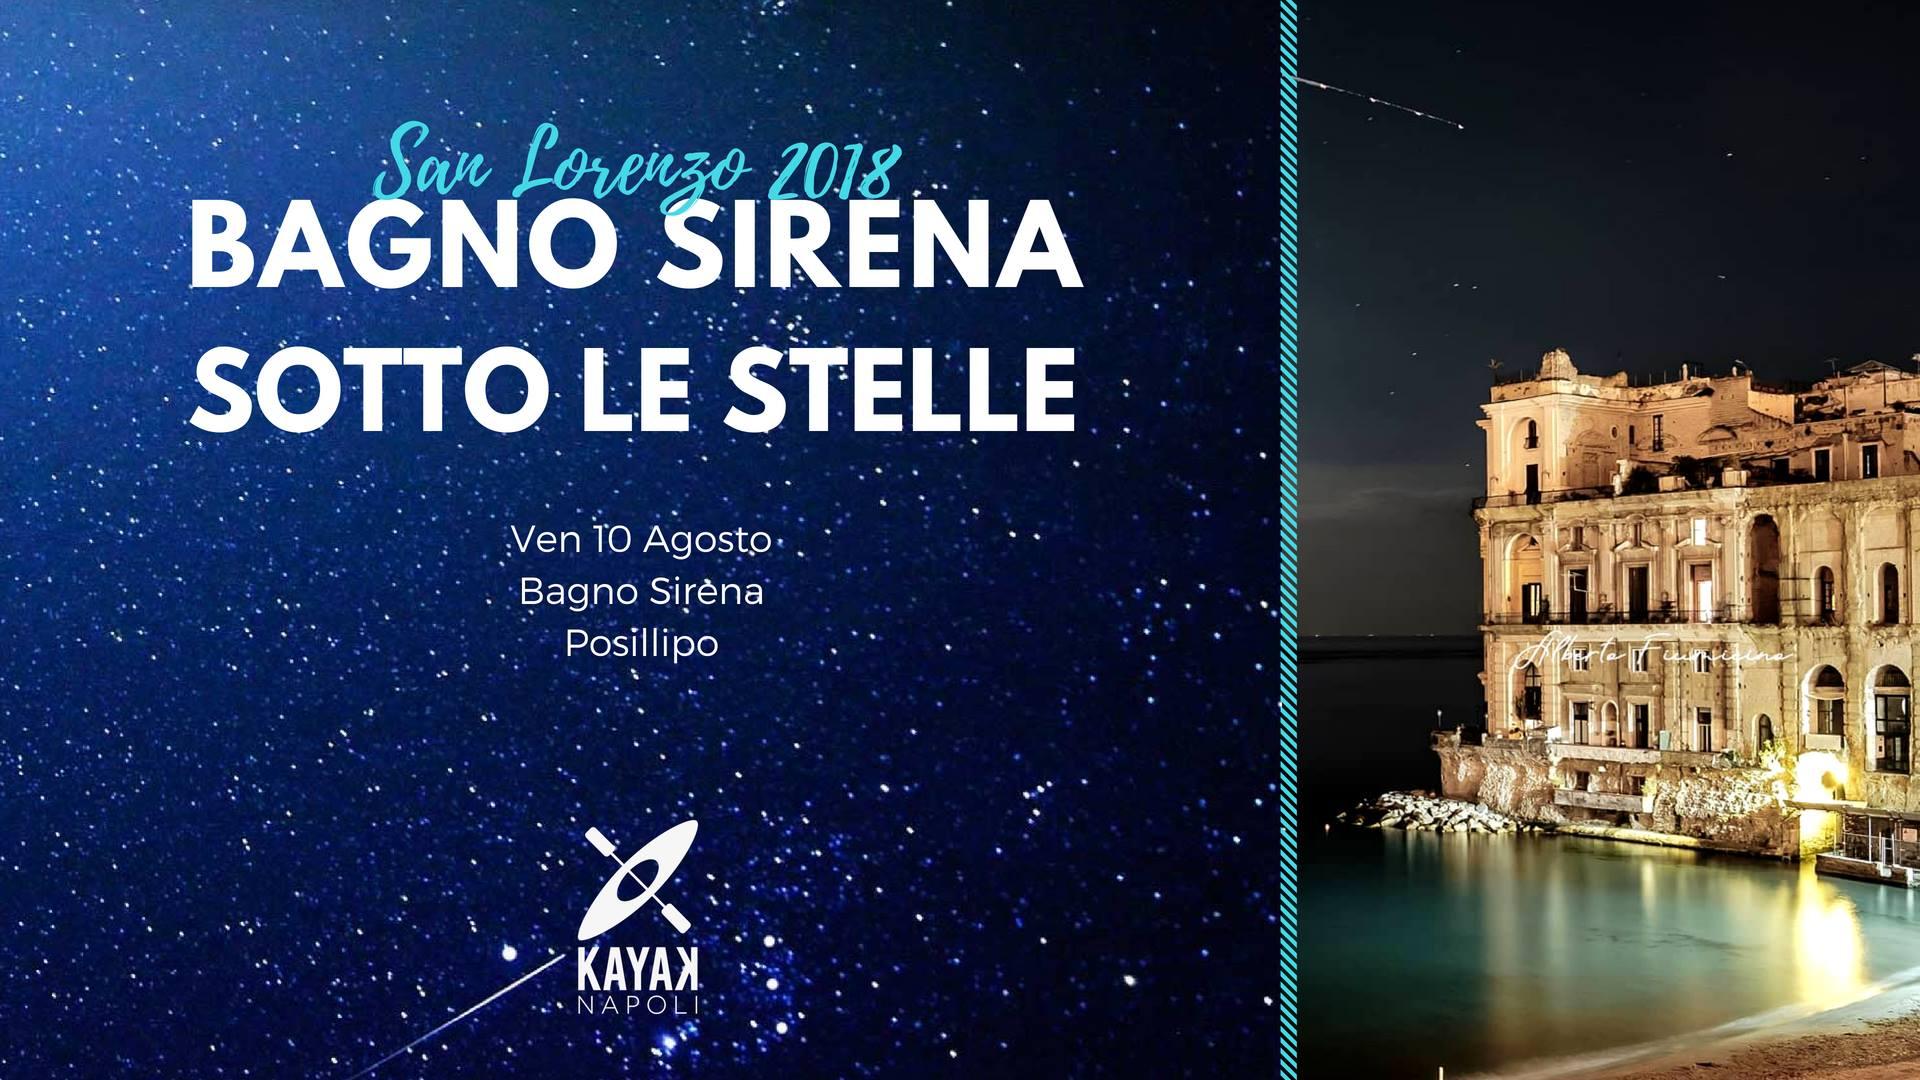 Bagno sirena sotto le stelle san lorenzo 2018 a napoli napoli da vivere - Bagno sirena posillipo ...